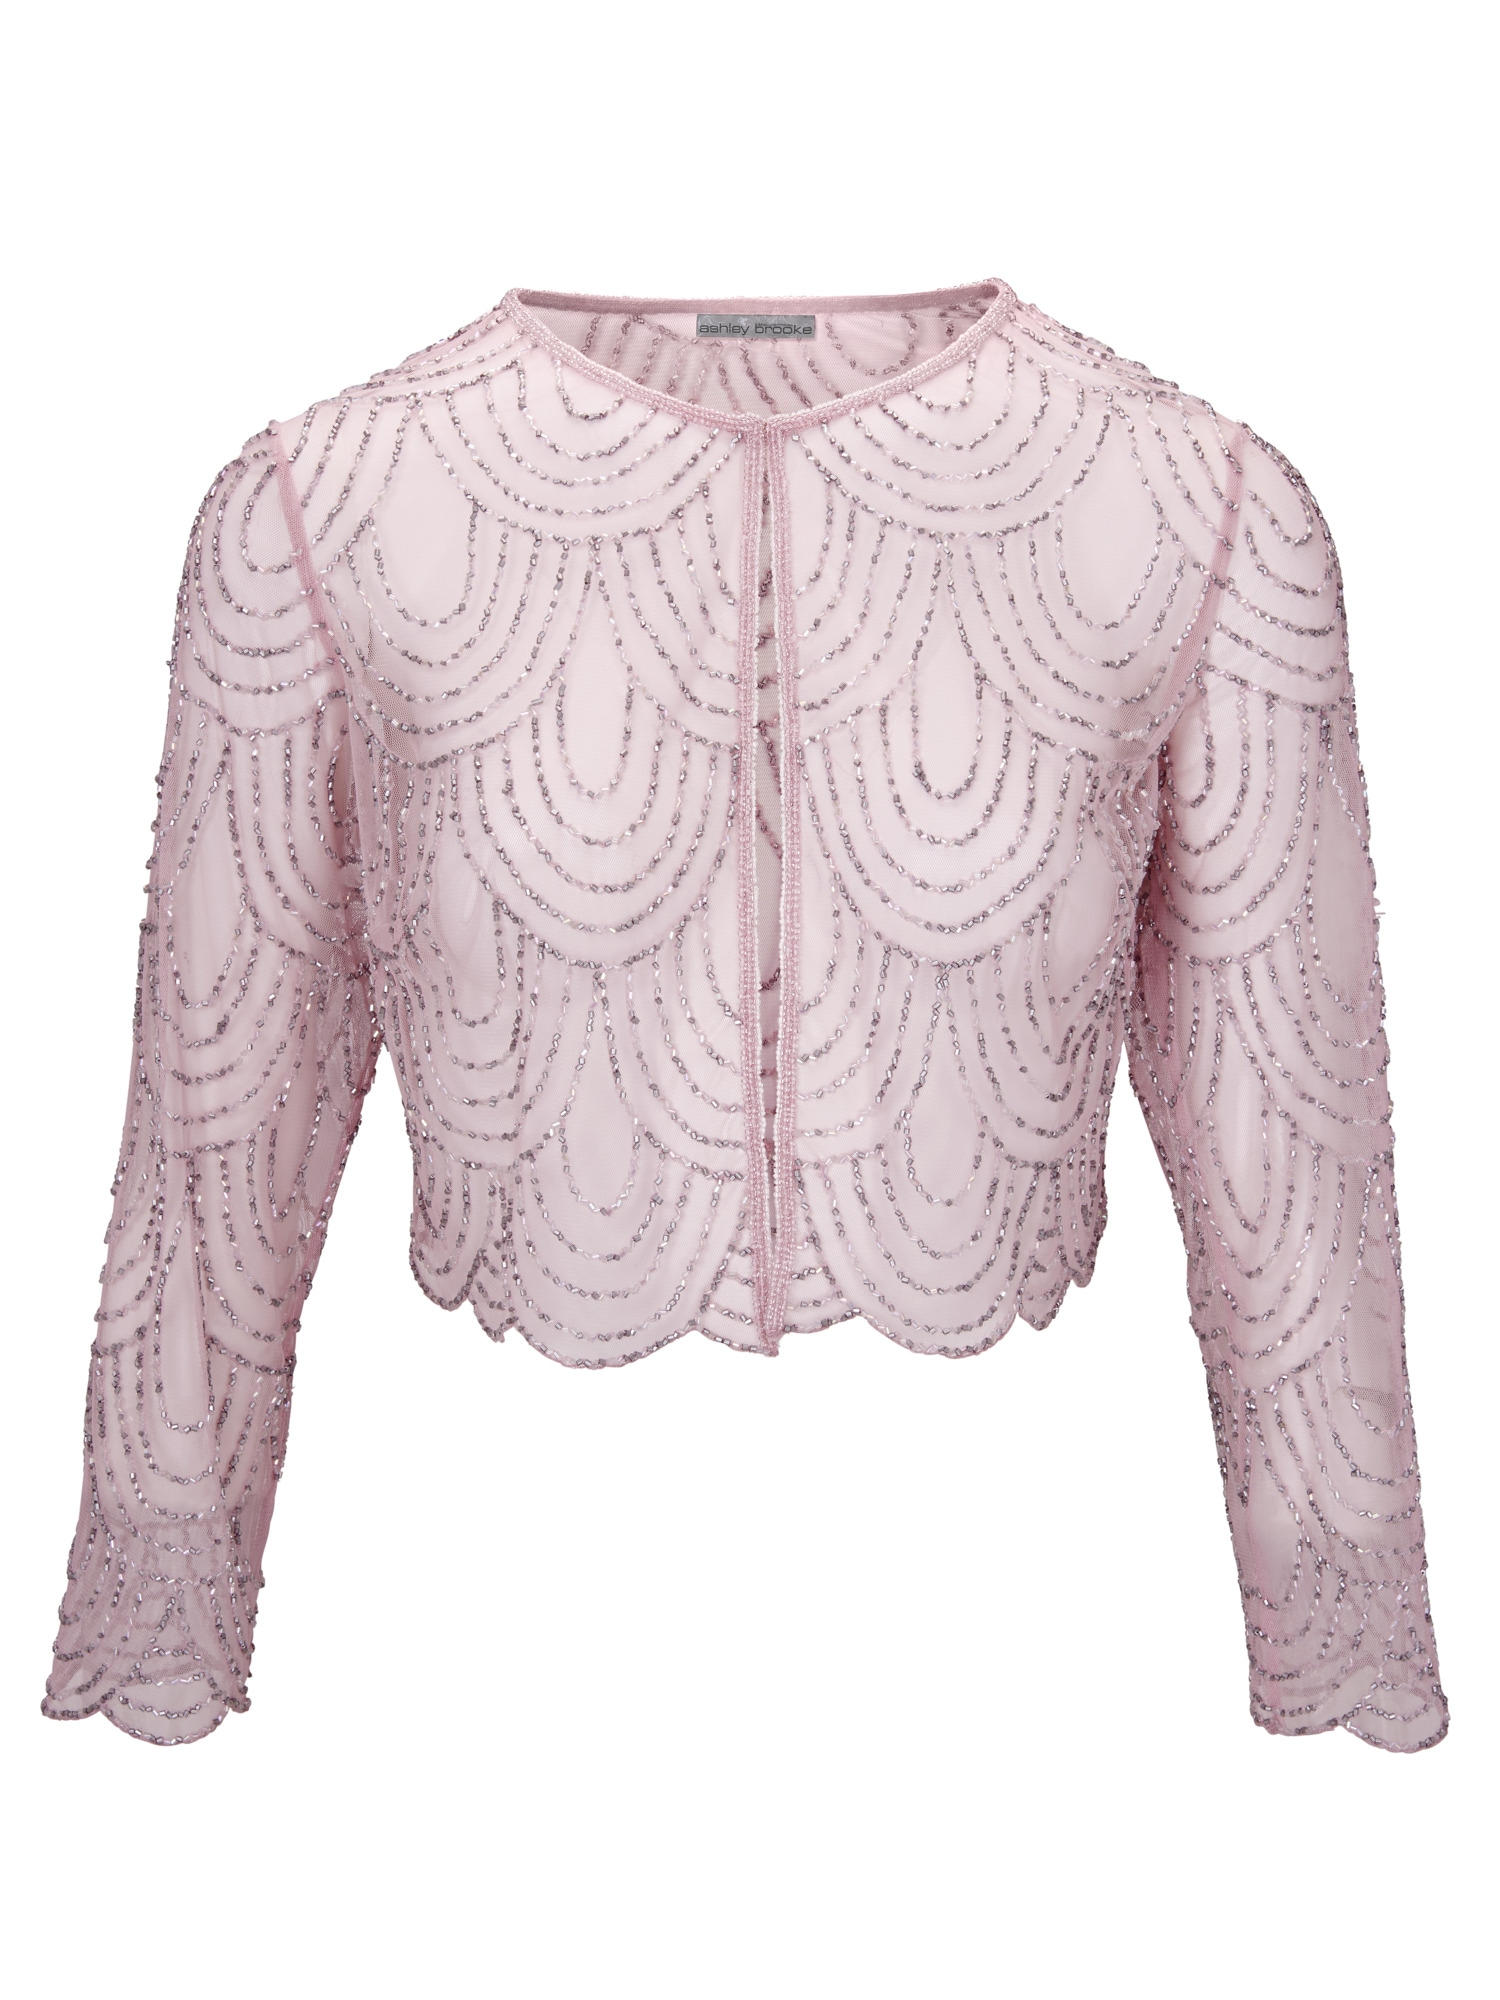 c11523ad9b7588 heine-timeless Boleros für Damen online kaufen | Damenmode ...